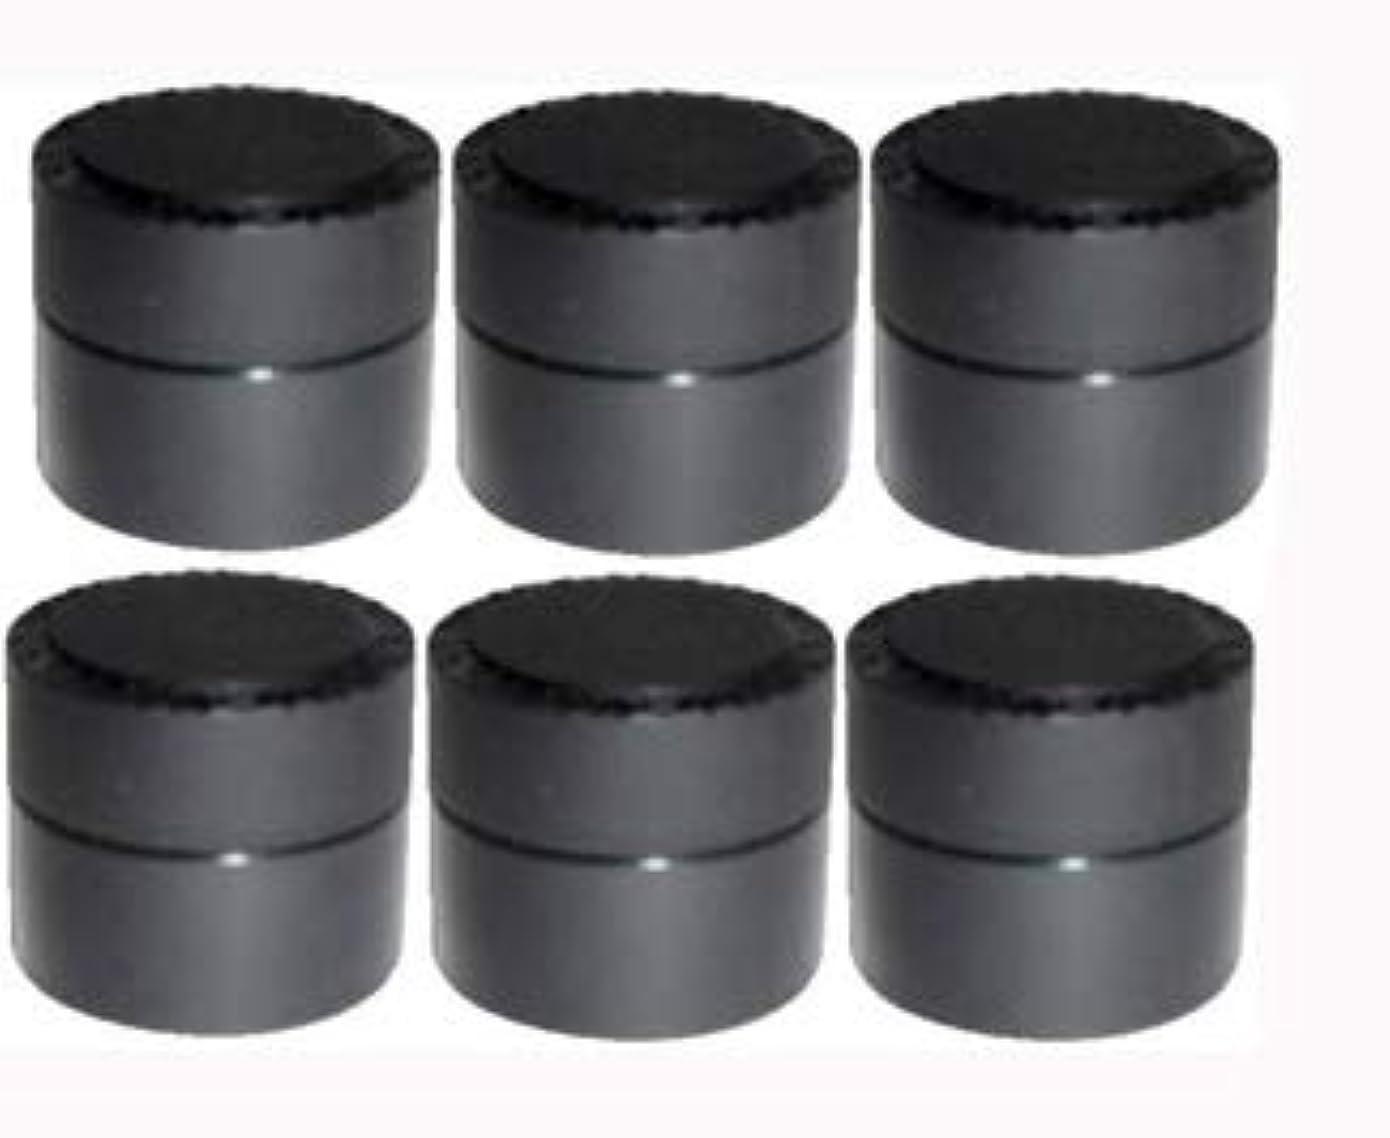 接続された調和倉庫メルティージェル MELTY GEL 空容器 黒 (容量5g) 6個